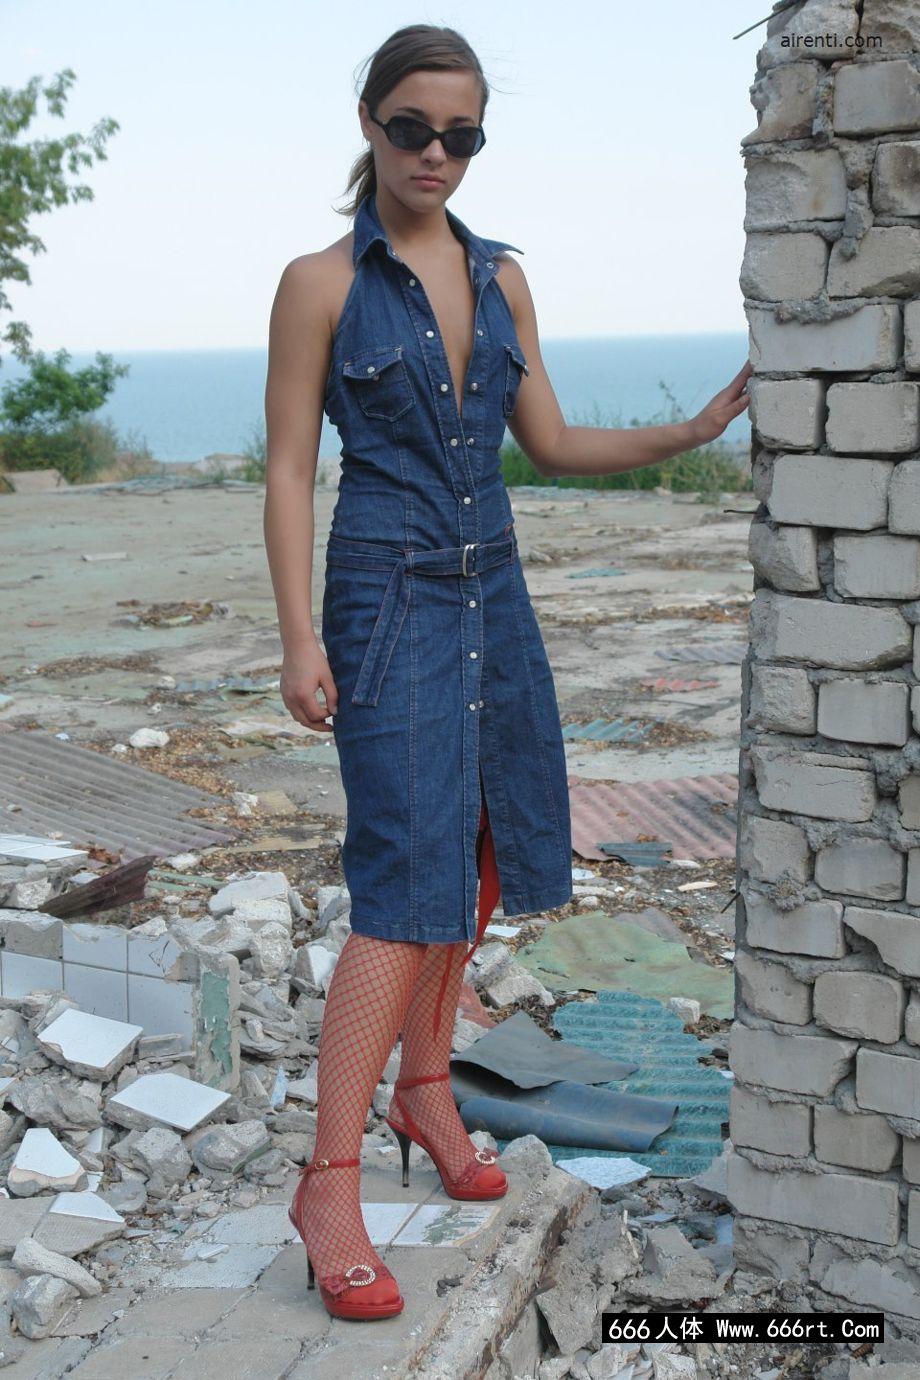 欧洲嫩模玛吉身穿渔网装外拍人体艺术